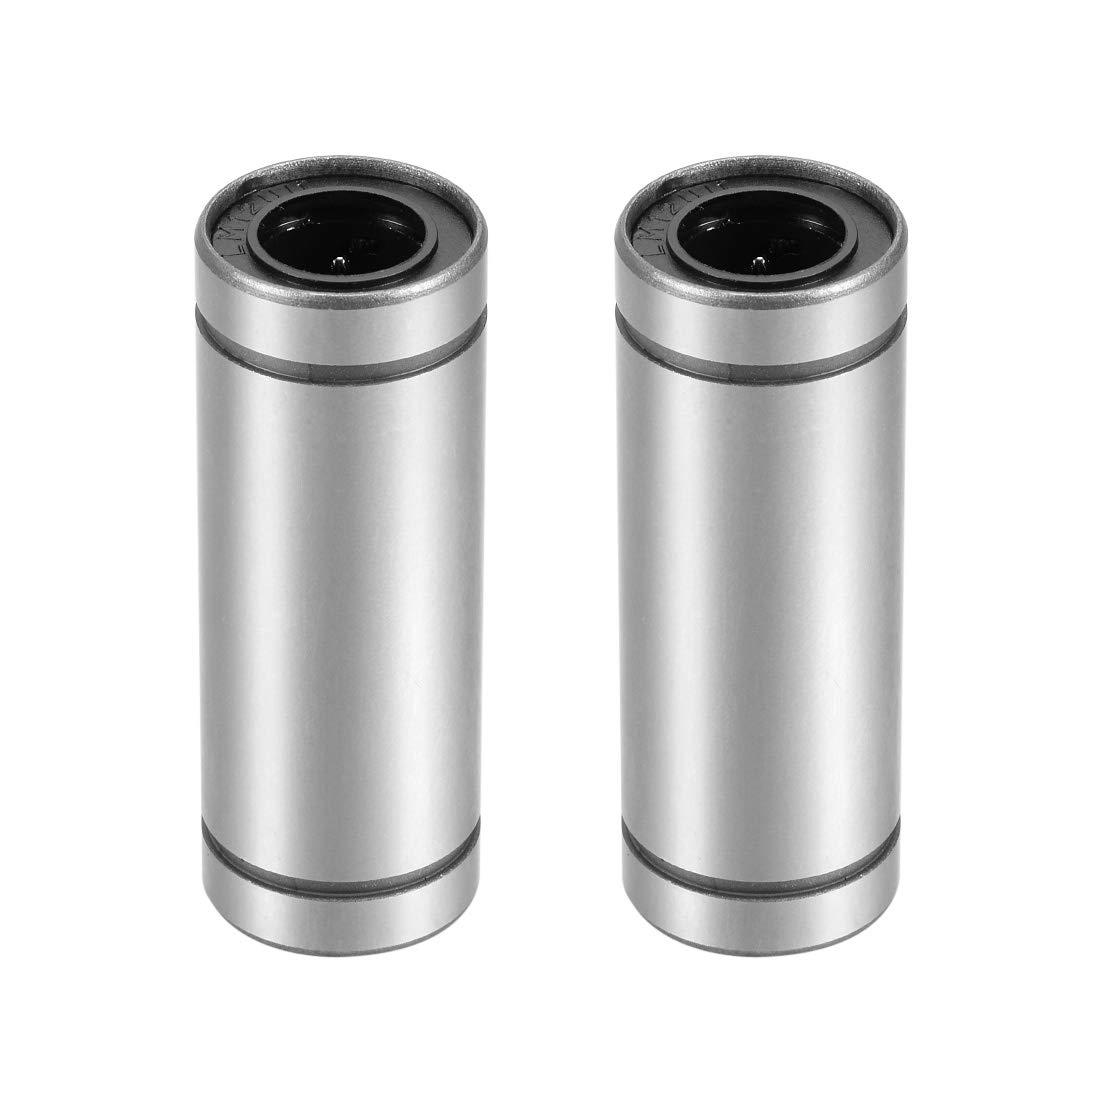 Amazon.com: Uxcell LMLUU Series rodamientos lineales de ...